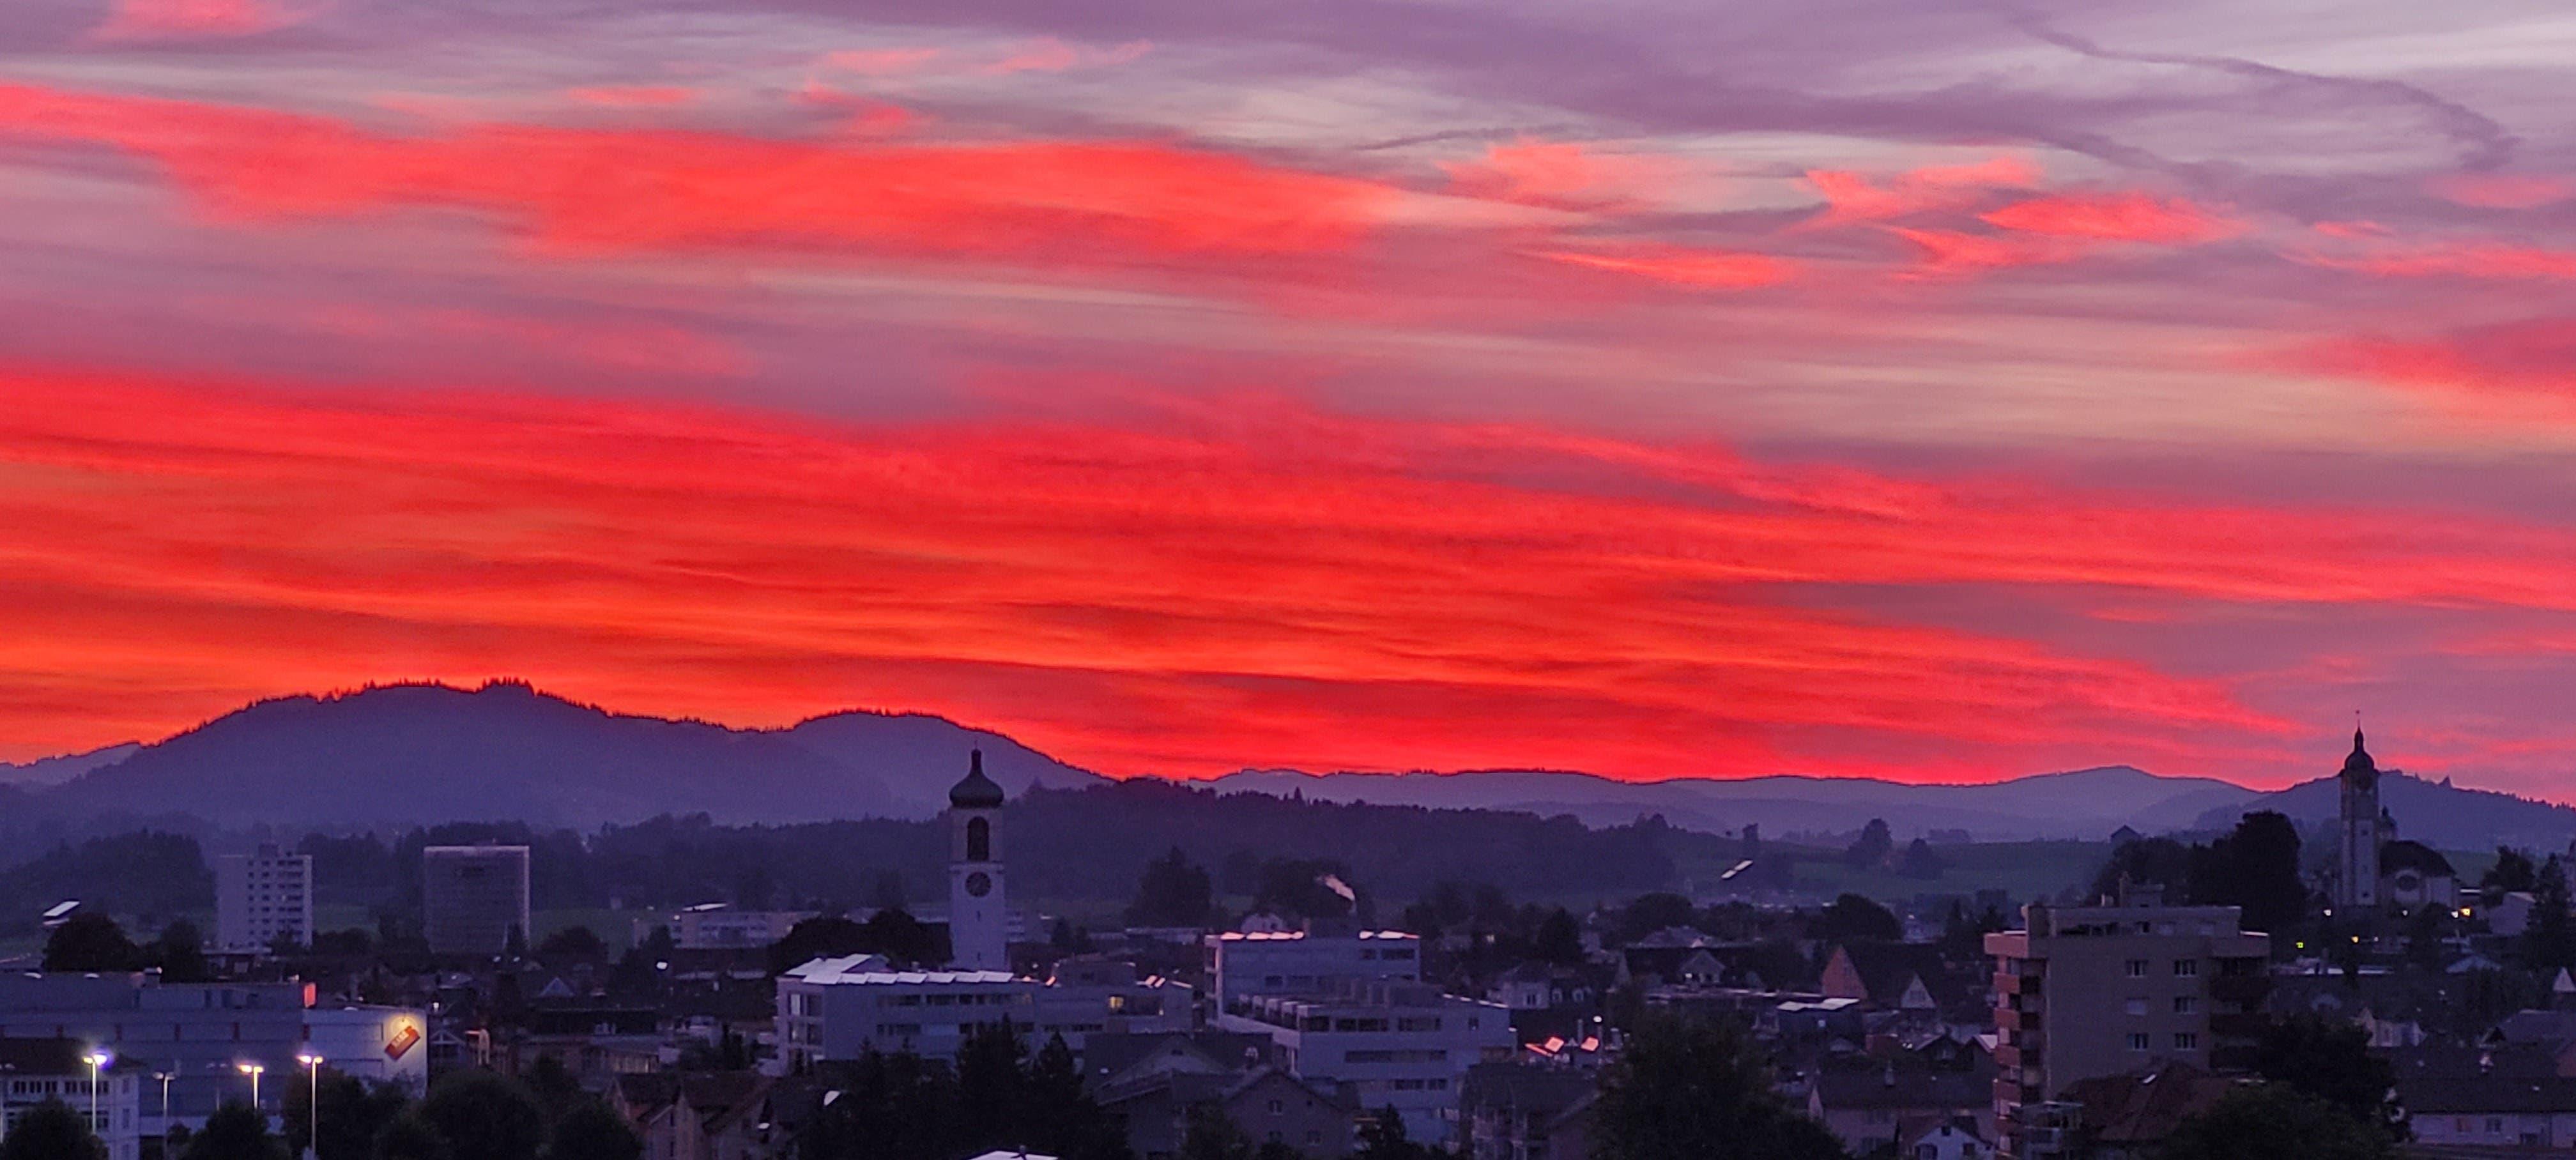 Sonnenuntergang über Gossau.